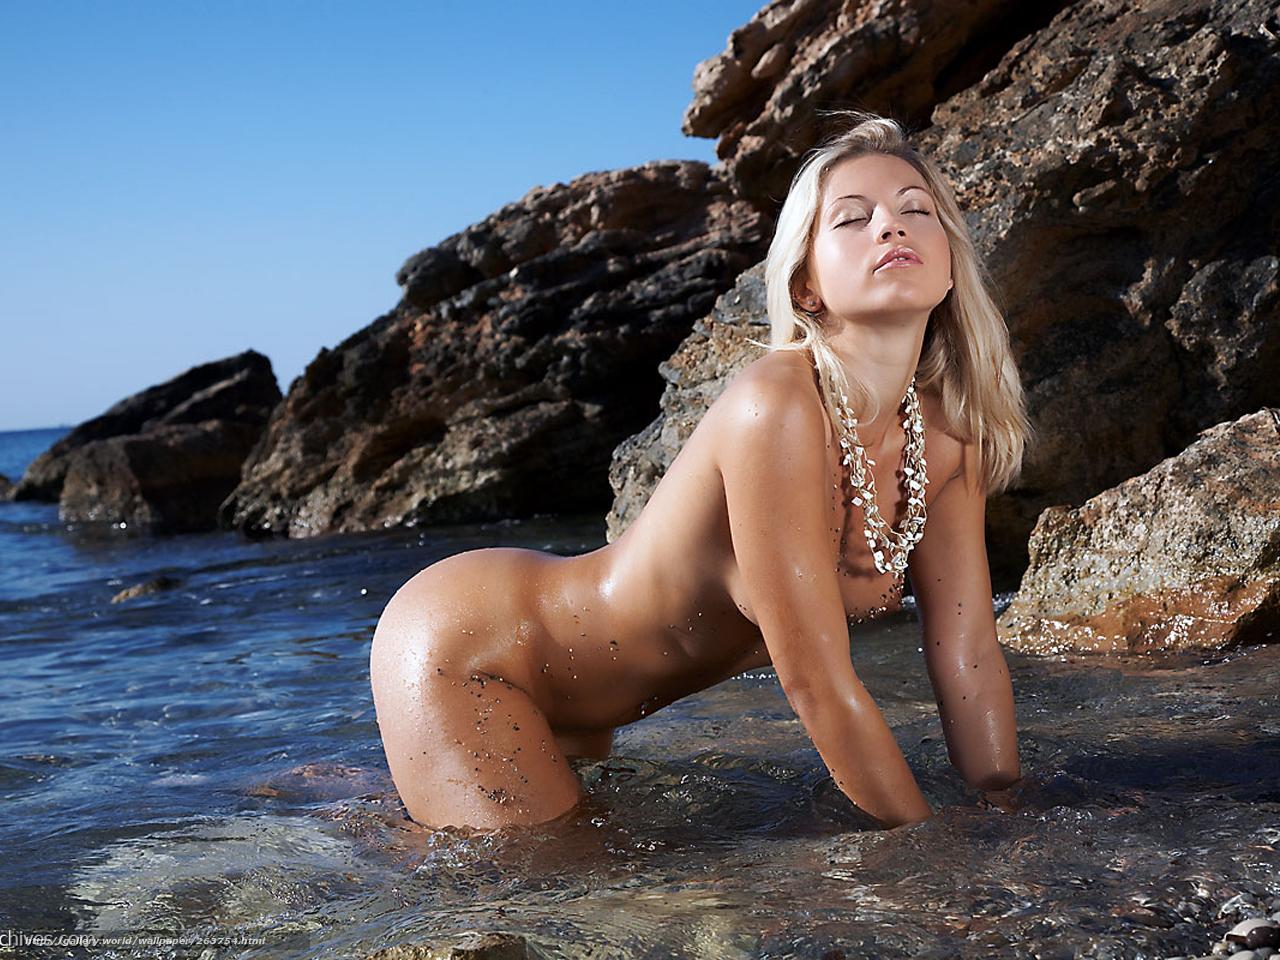 Эротическая голая девушка фото 15 фотография